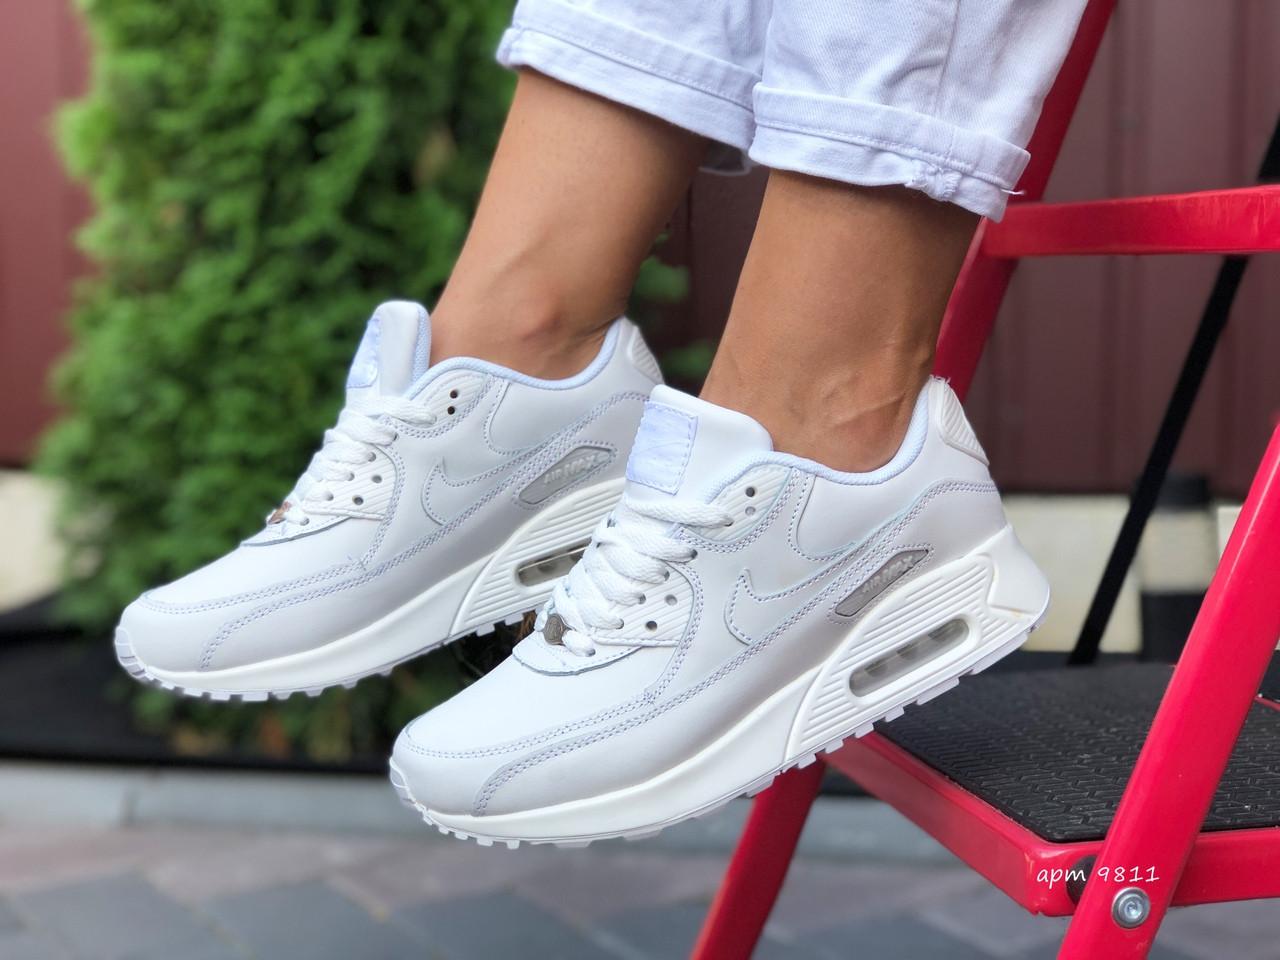 Nike Air Max женские демисезонные белые кроссовки на шнурках